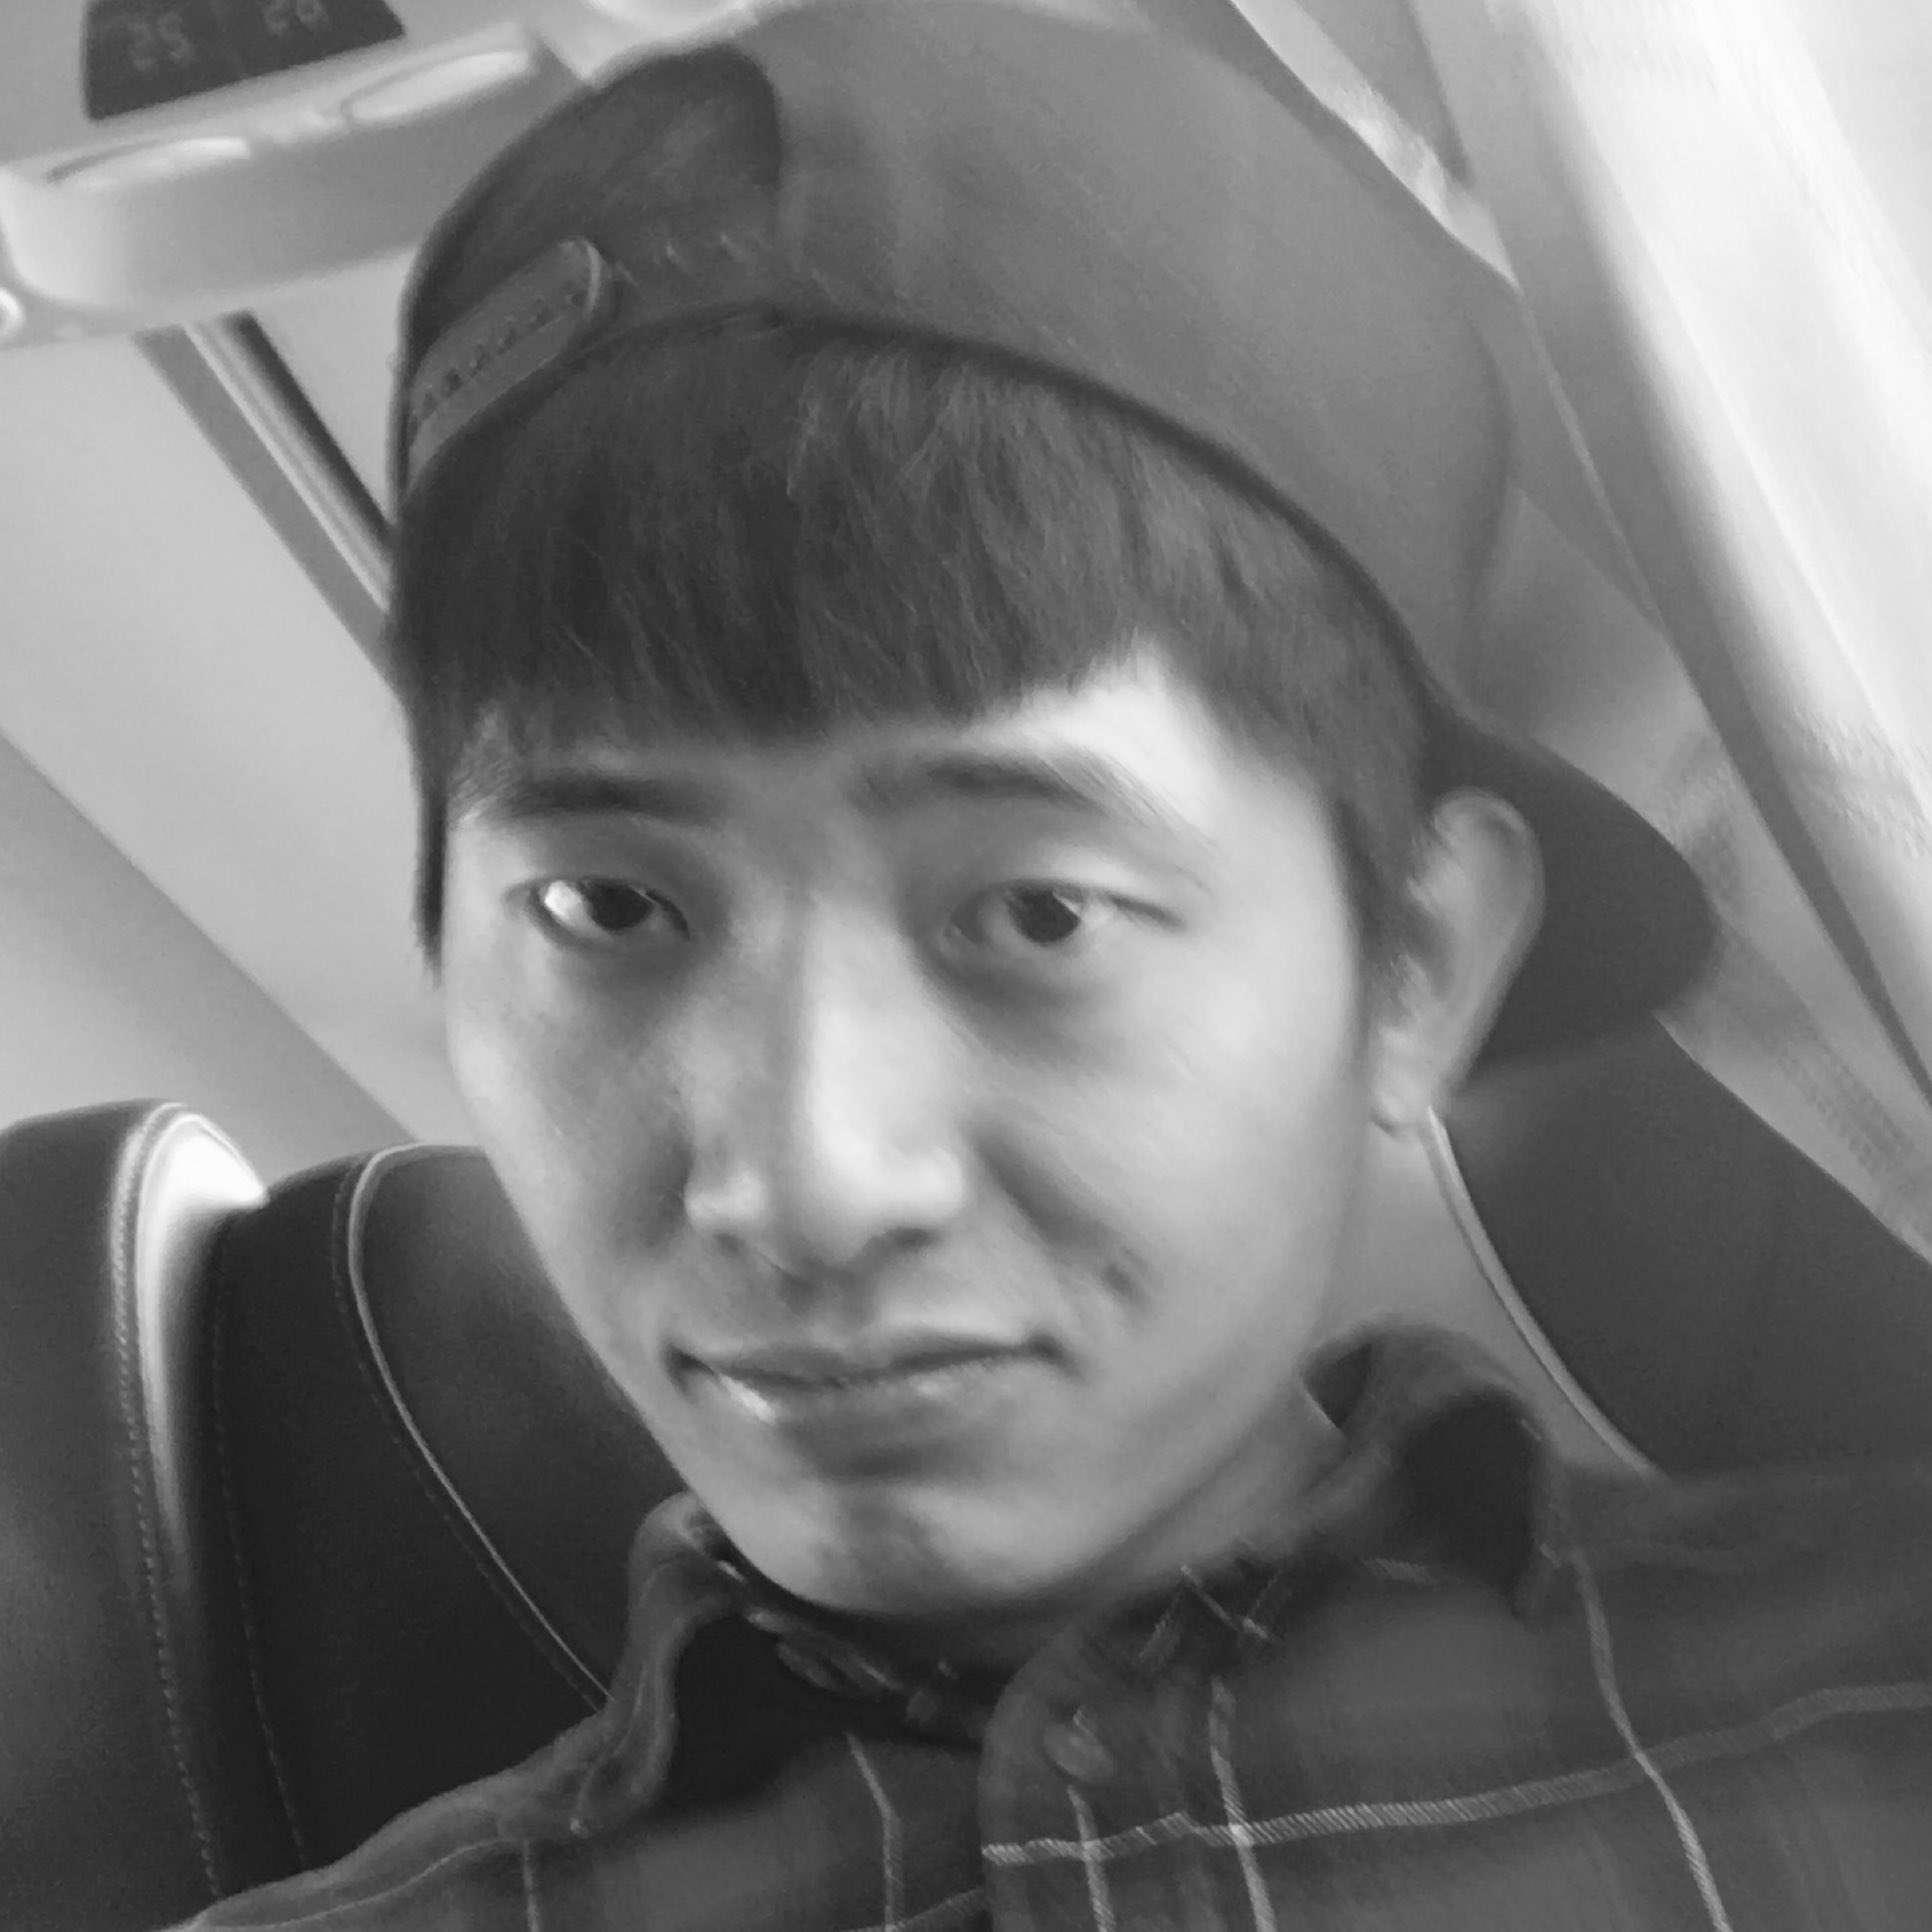 E_U林悦尧